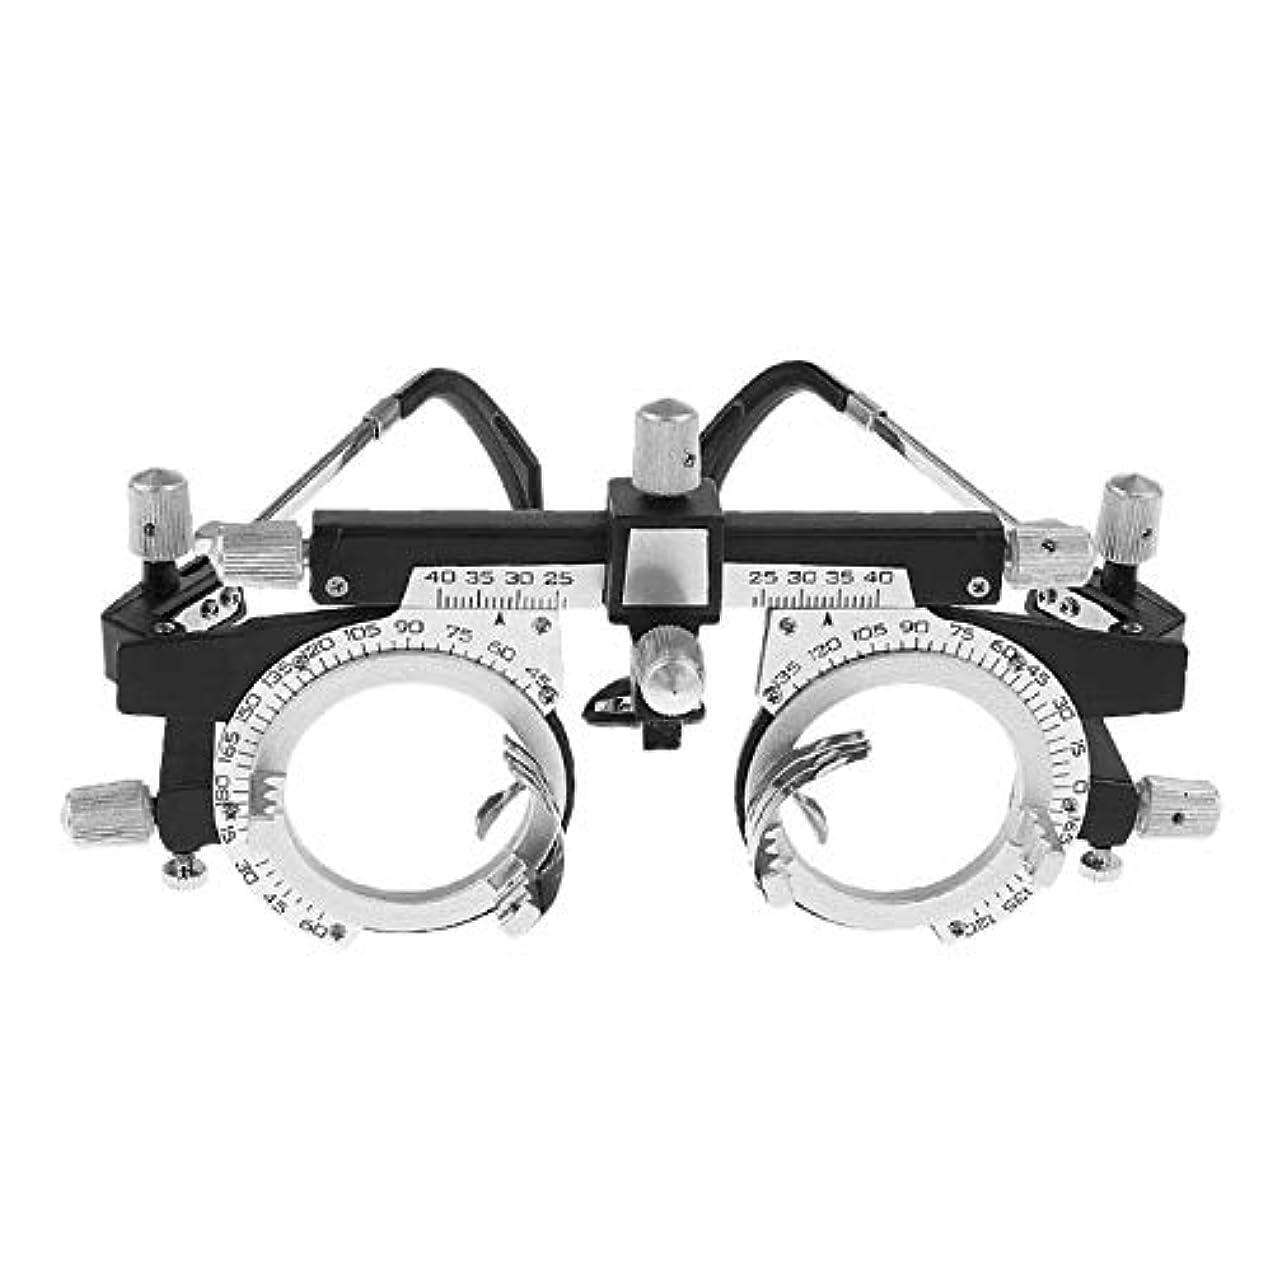 偽善申込みズボンQuquack 調整可能なプロフェッショナルアイウェア検眼メタルフレーム光学眼鏡眼鏡トライアルレンズメタルフレームPD眼鏡アクセサリー